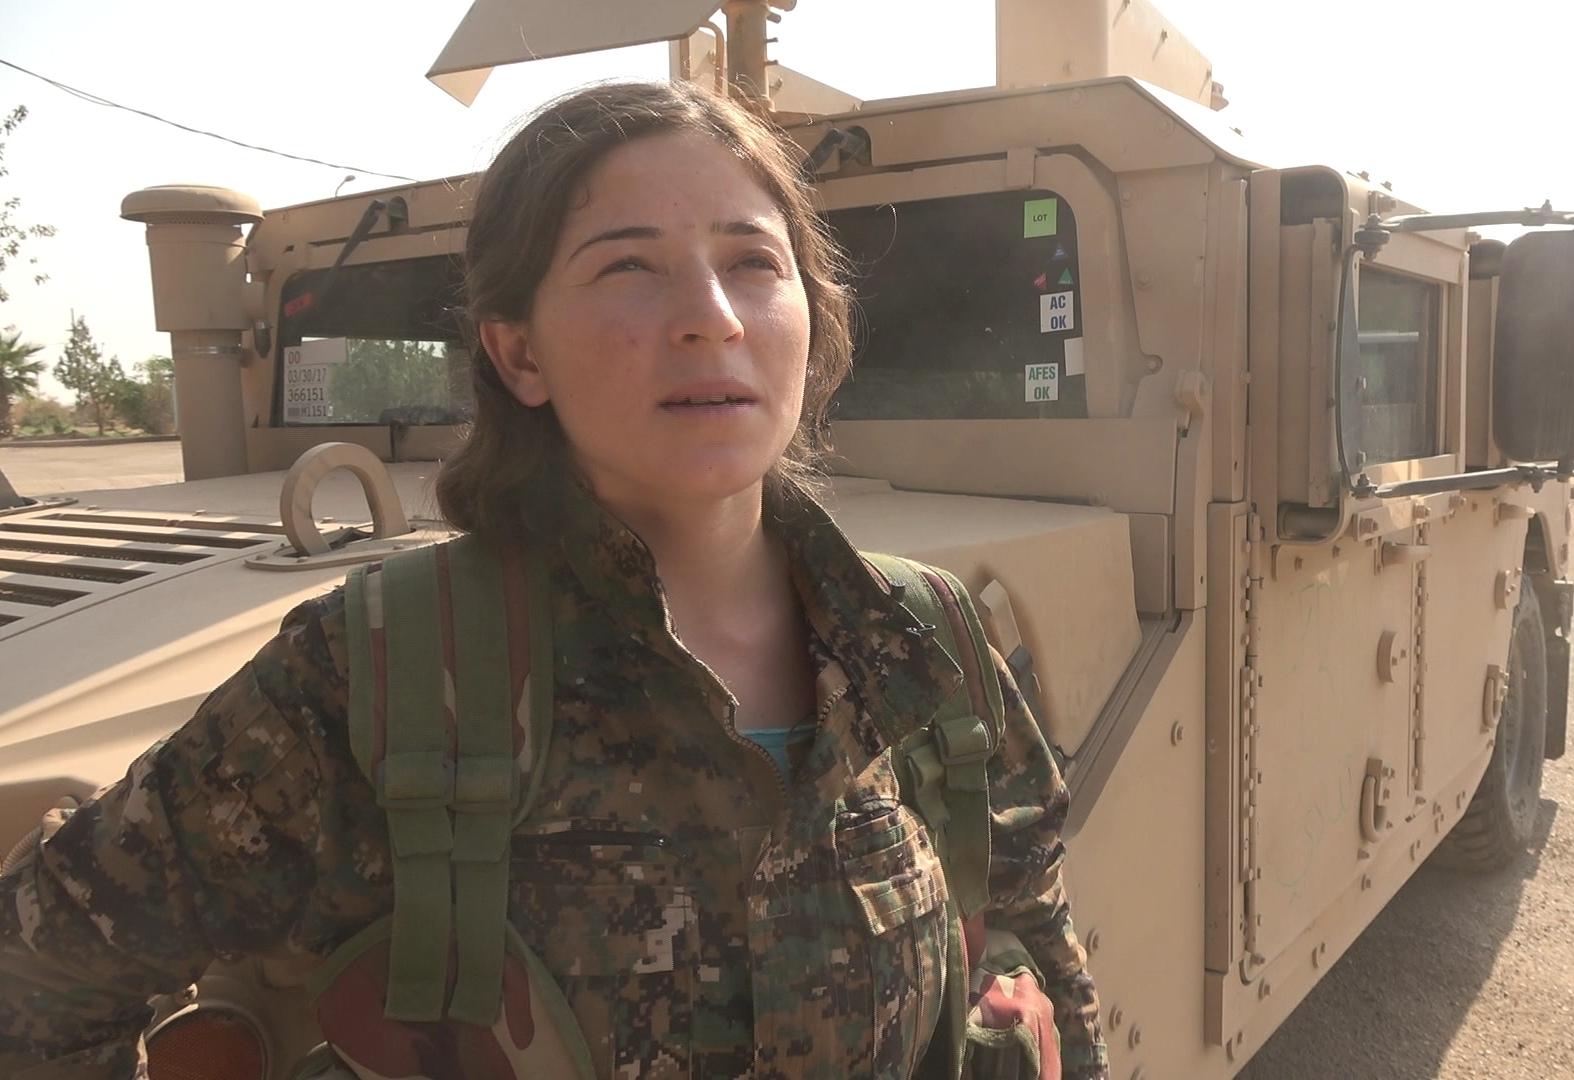 Efrînli YPJ savaşçısı: Amacımız Suriyeli kadınları kölelikten kurtarmak